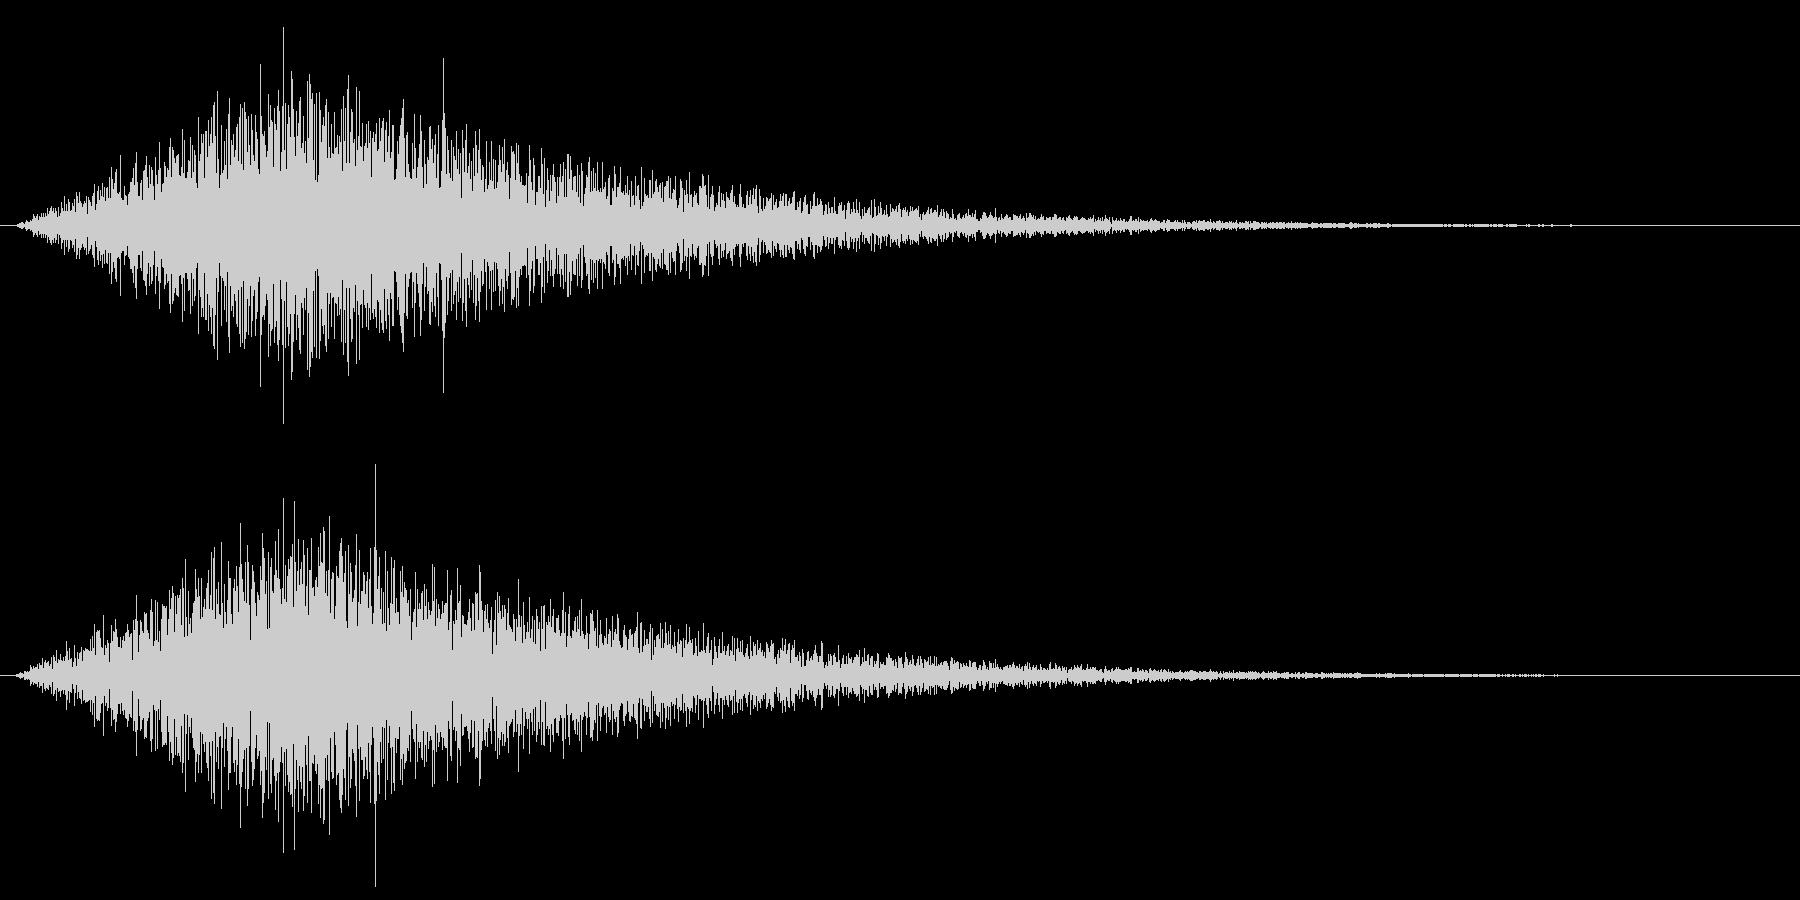 ザザーン、という波の音ですの未再生の波形